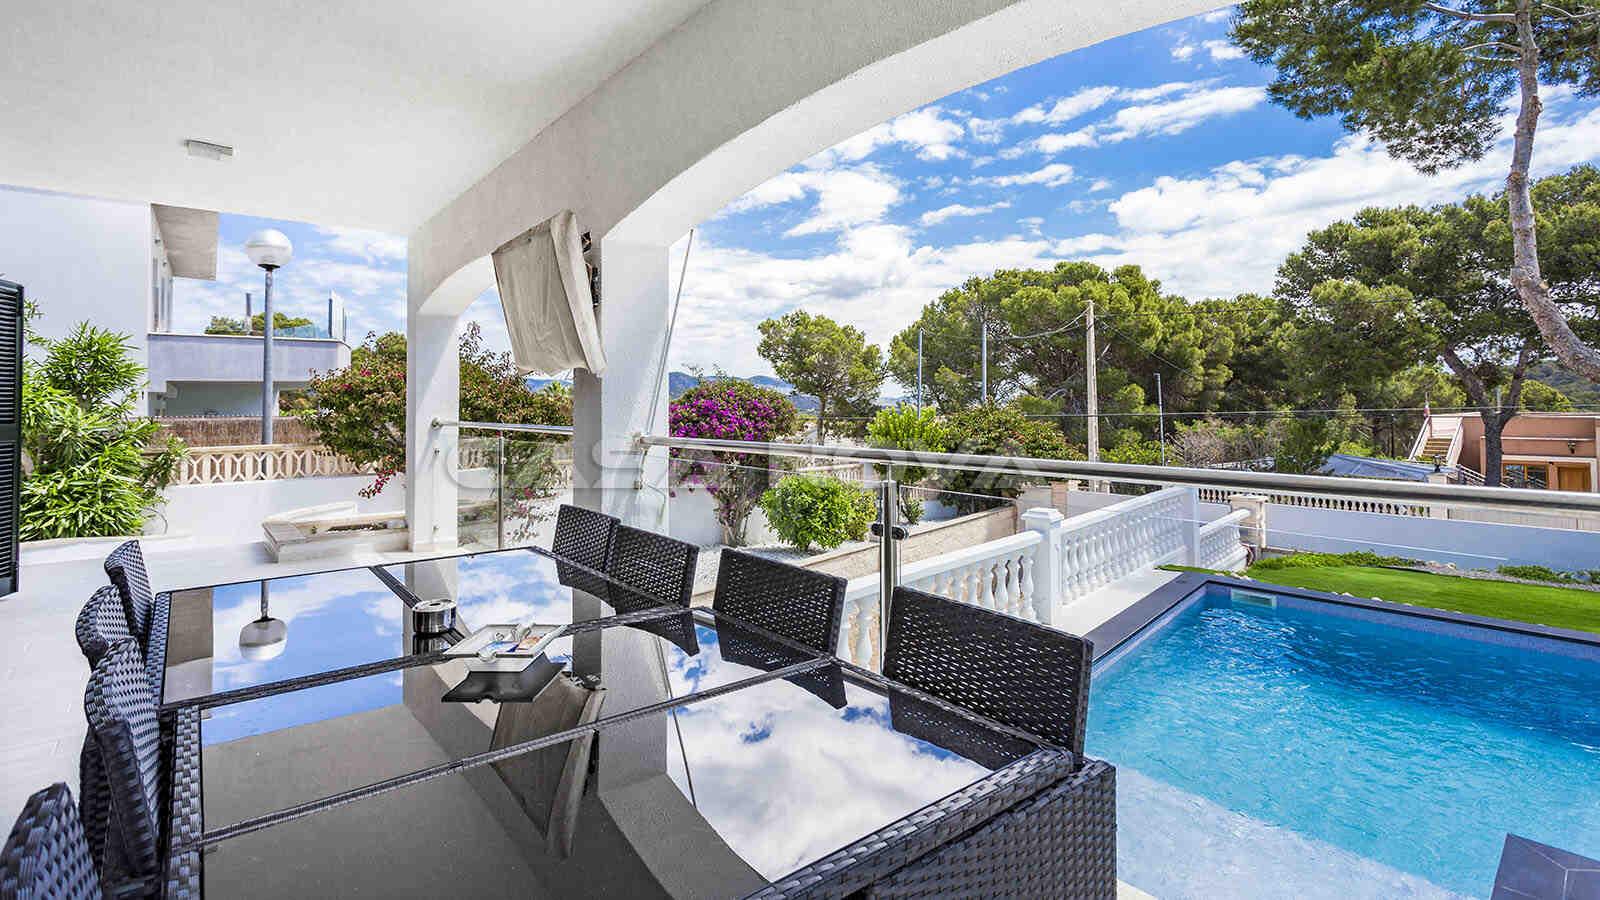 Schicke überdachte Terrasse mit schönem Blick